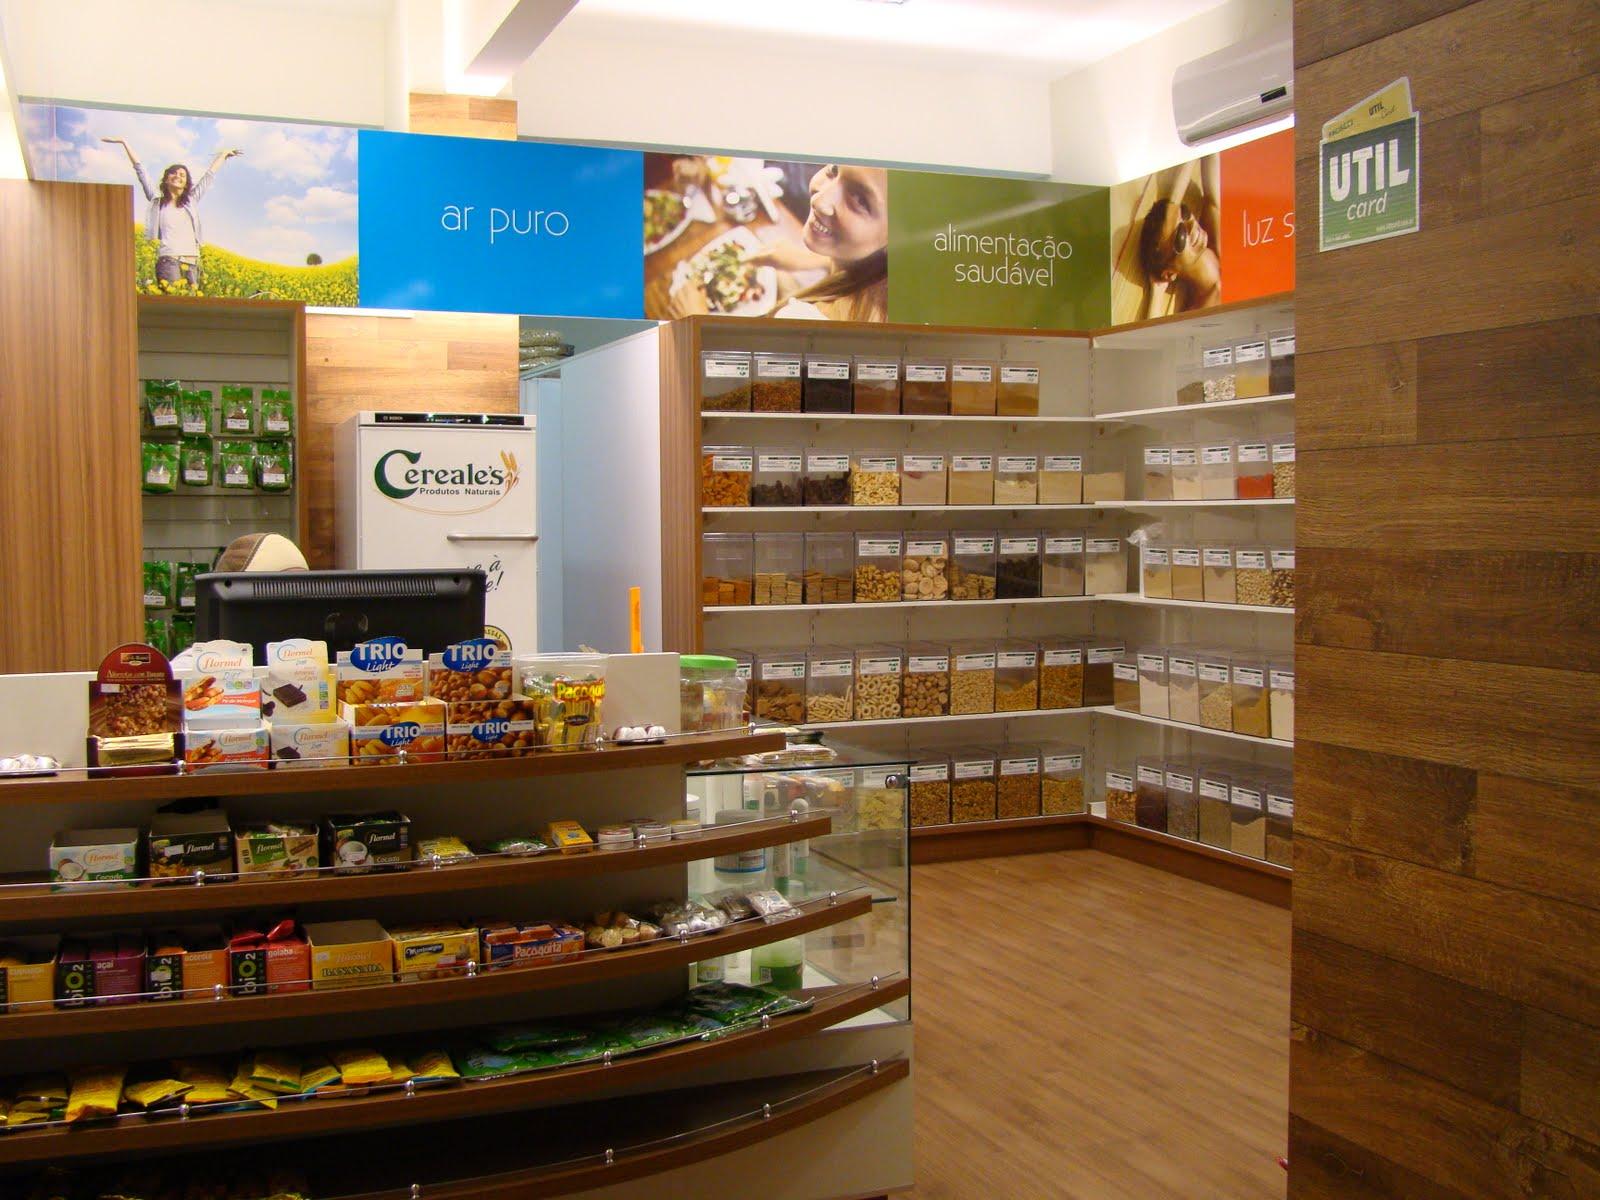 decoracao de interiores blumenau:arq. Karol Reiter: Cereale' s Produtos Naturais